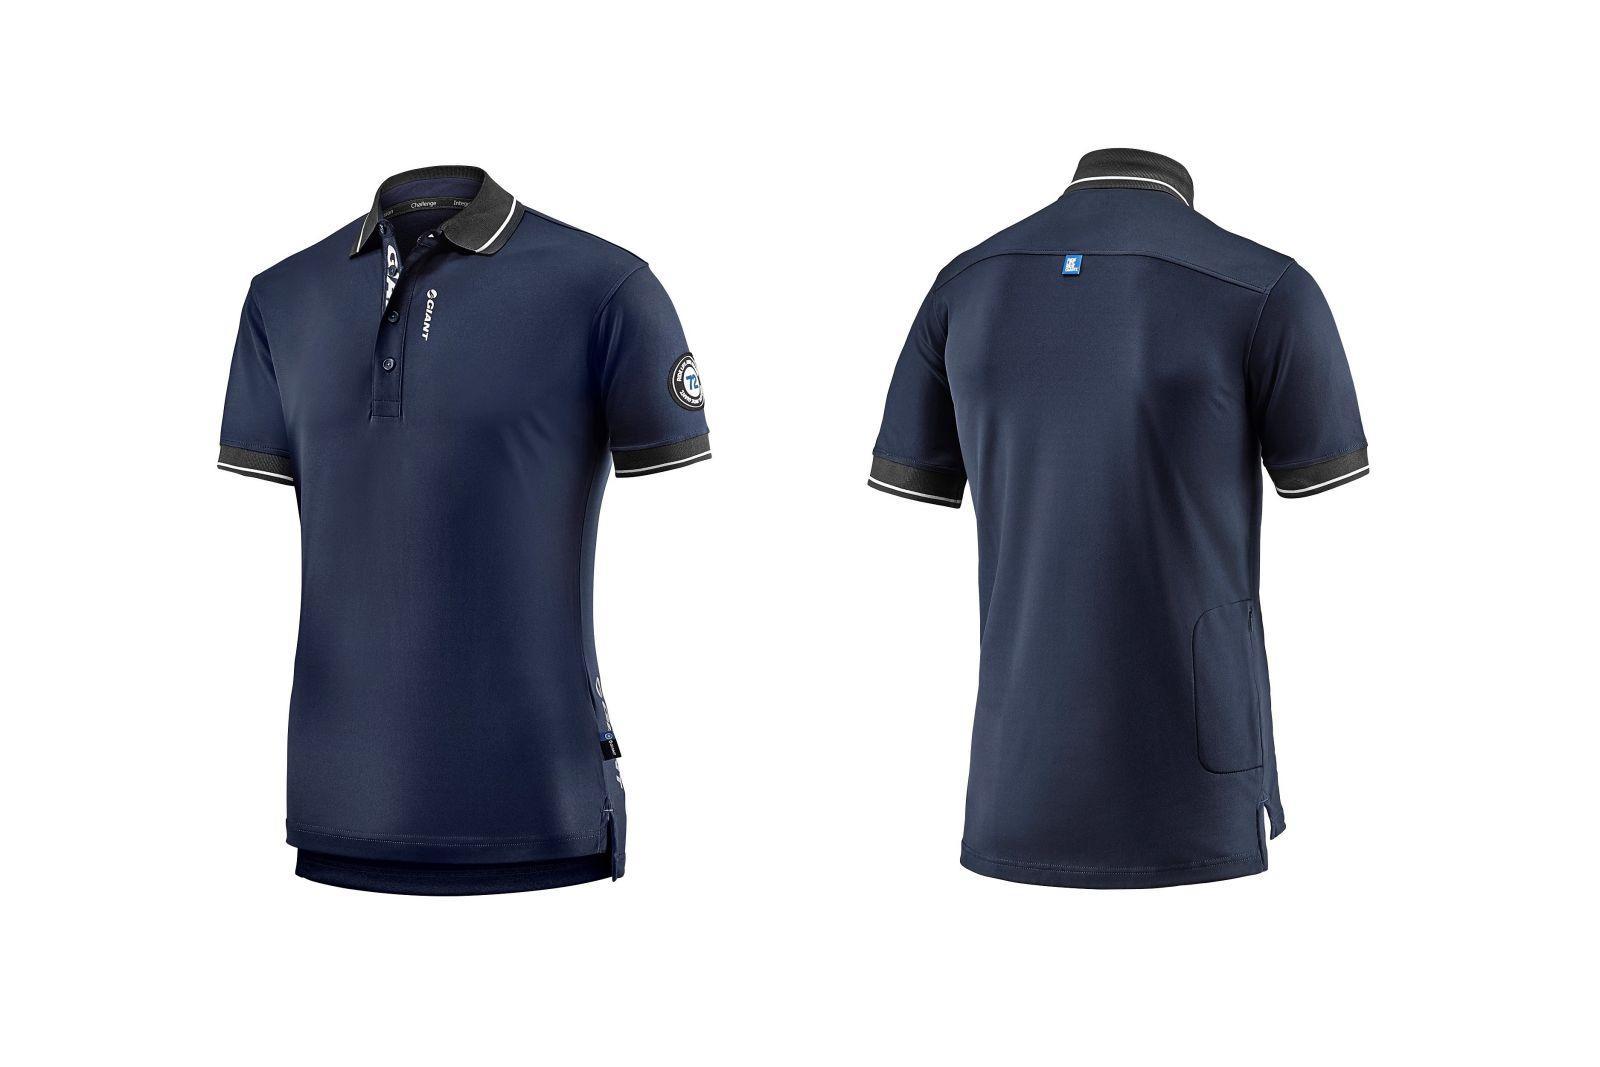 Xưởng may áo thun đồng phục theo yêu cầu tphcm